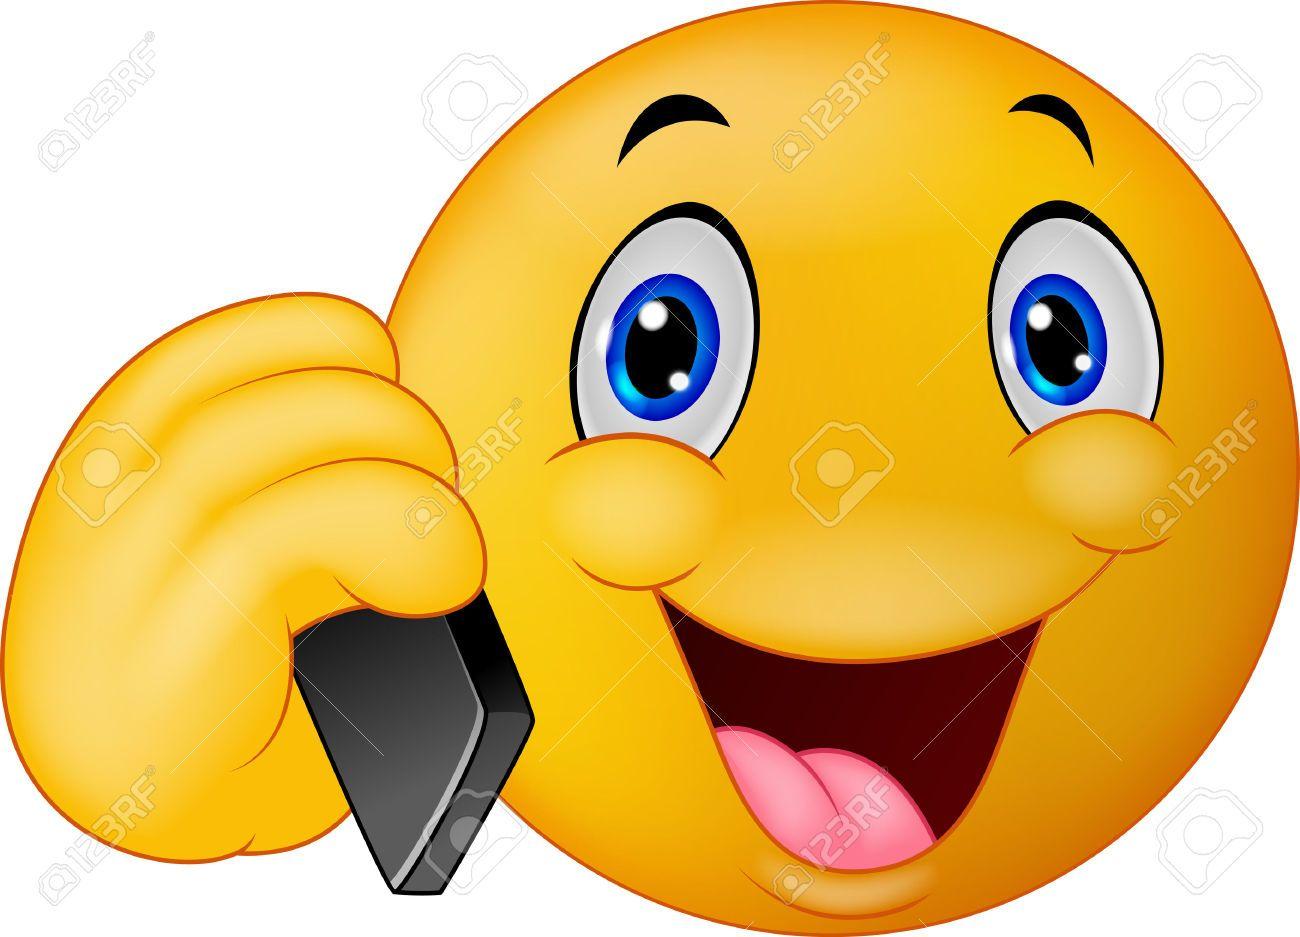 Cartoon Emoticon Sonriente Hablando Por Teléfono Celular